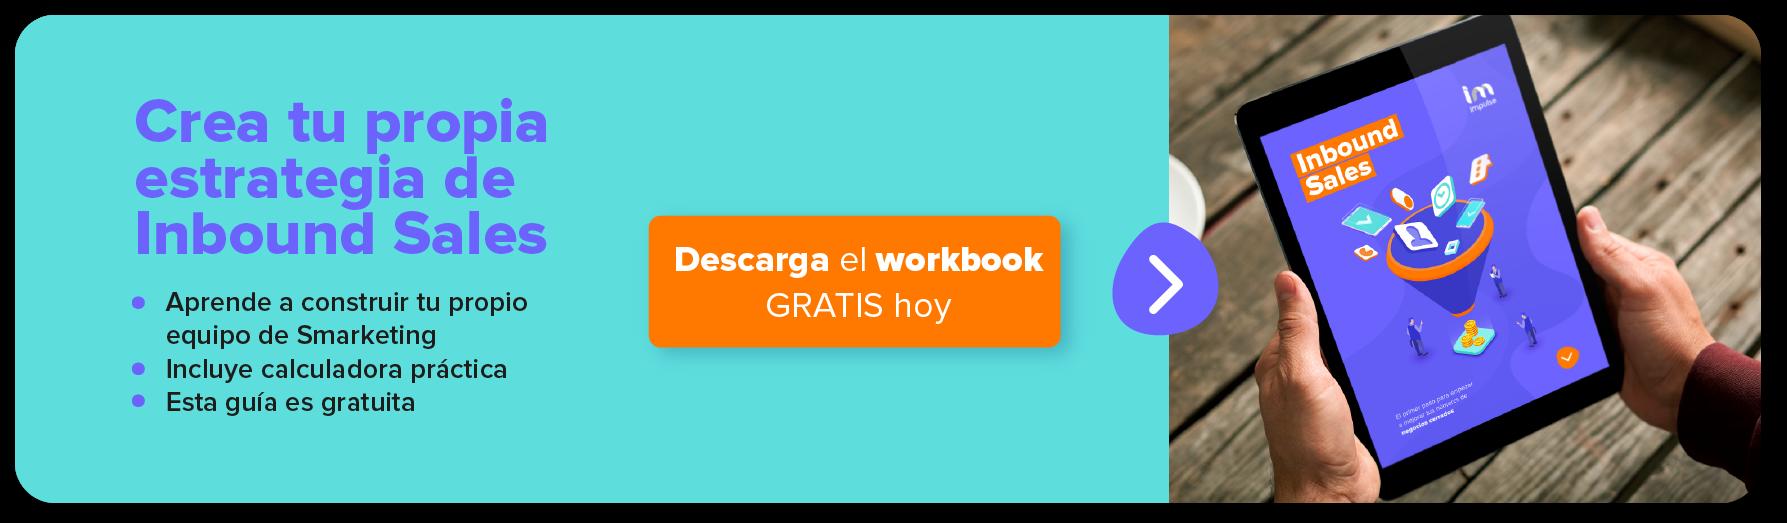 inbound sales descarga workbook ahora